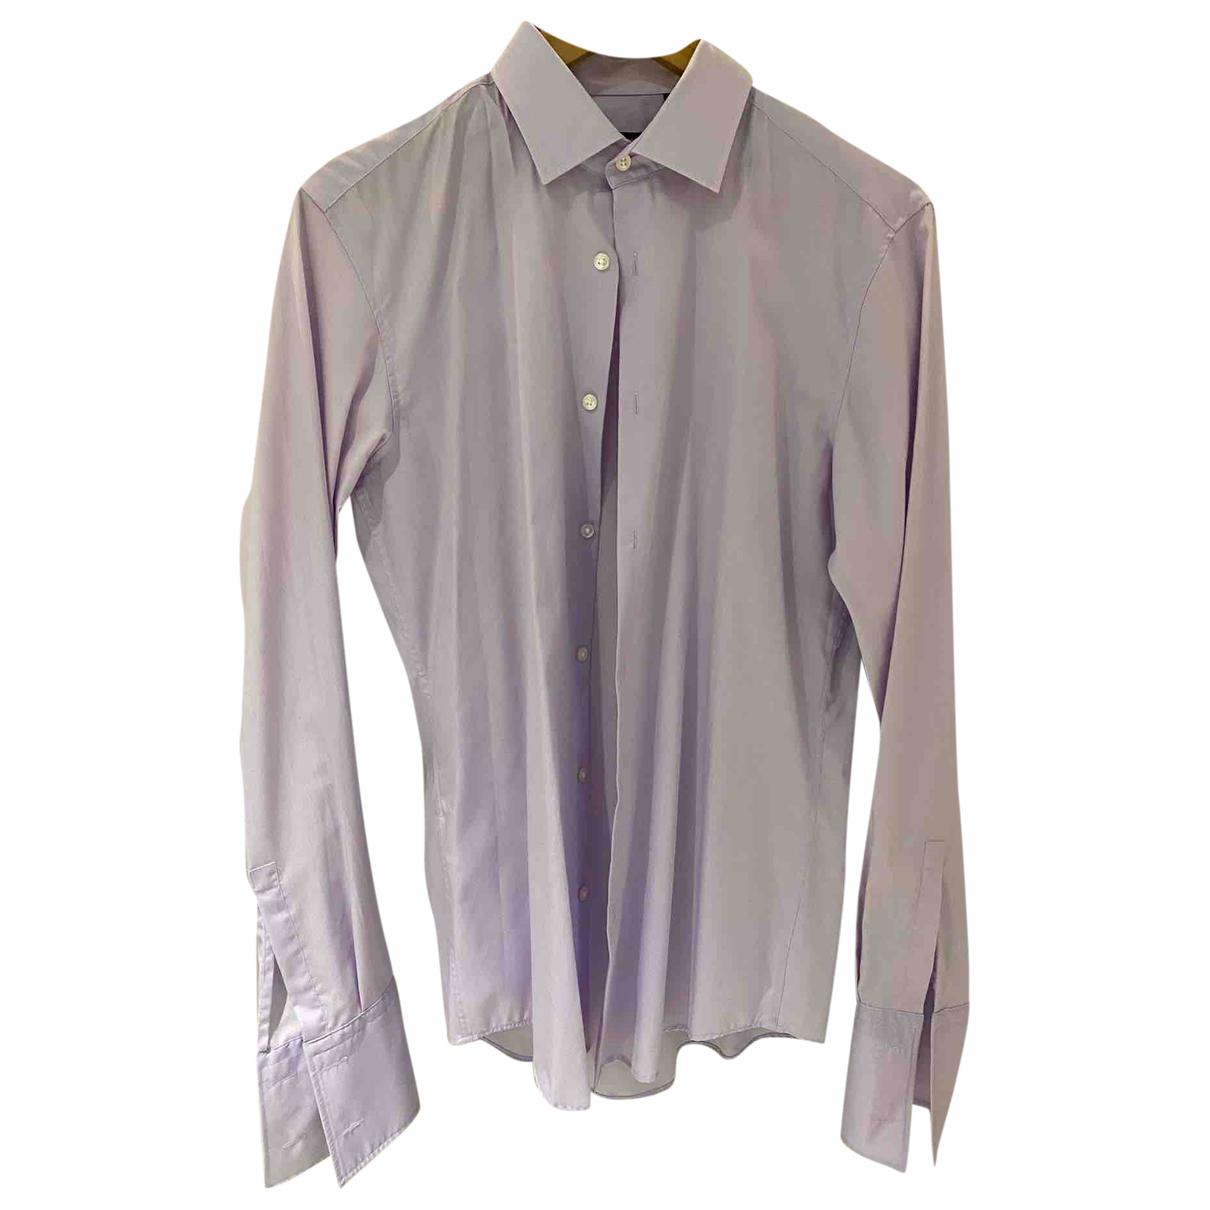 Boss N Purple Cotton Shirts for Men 39 EU (tour de cou / collar)